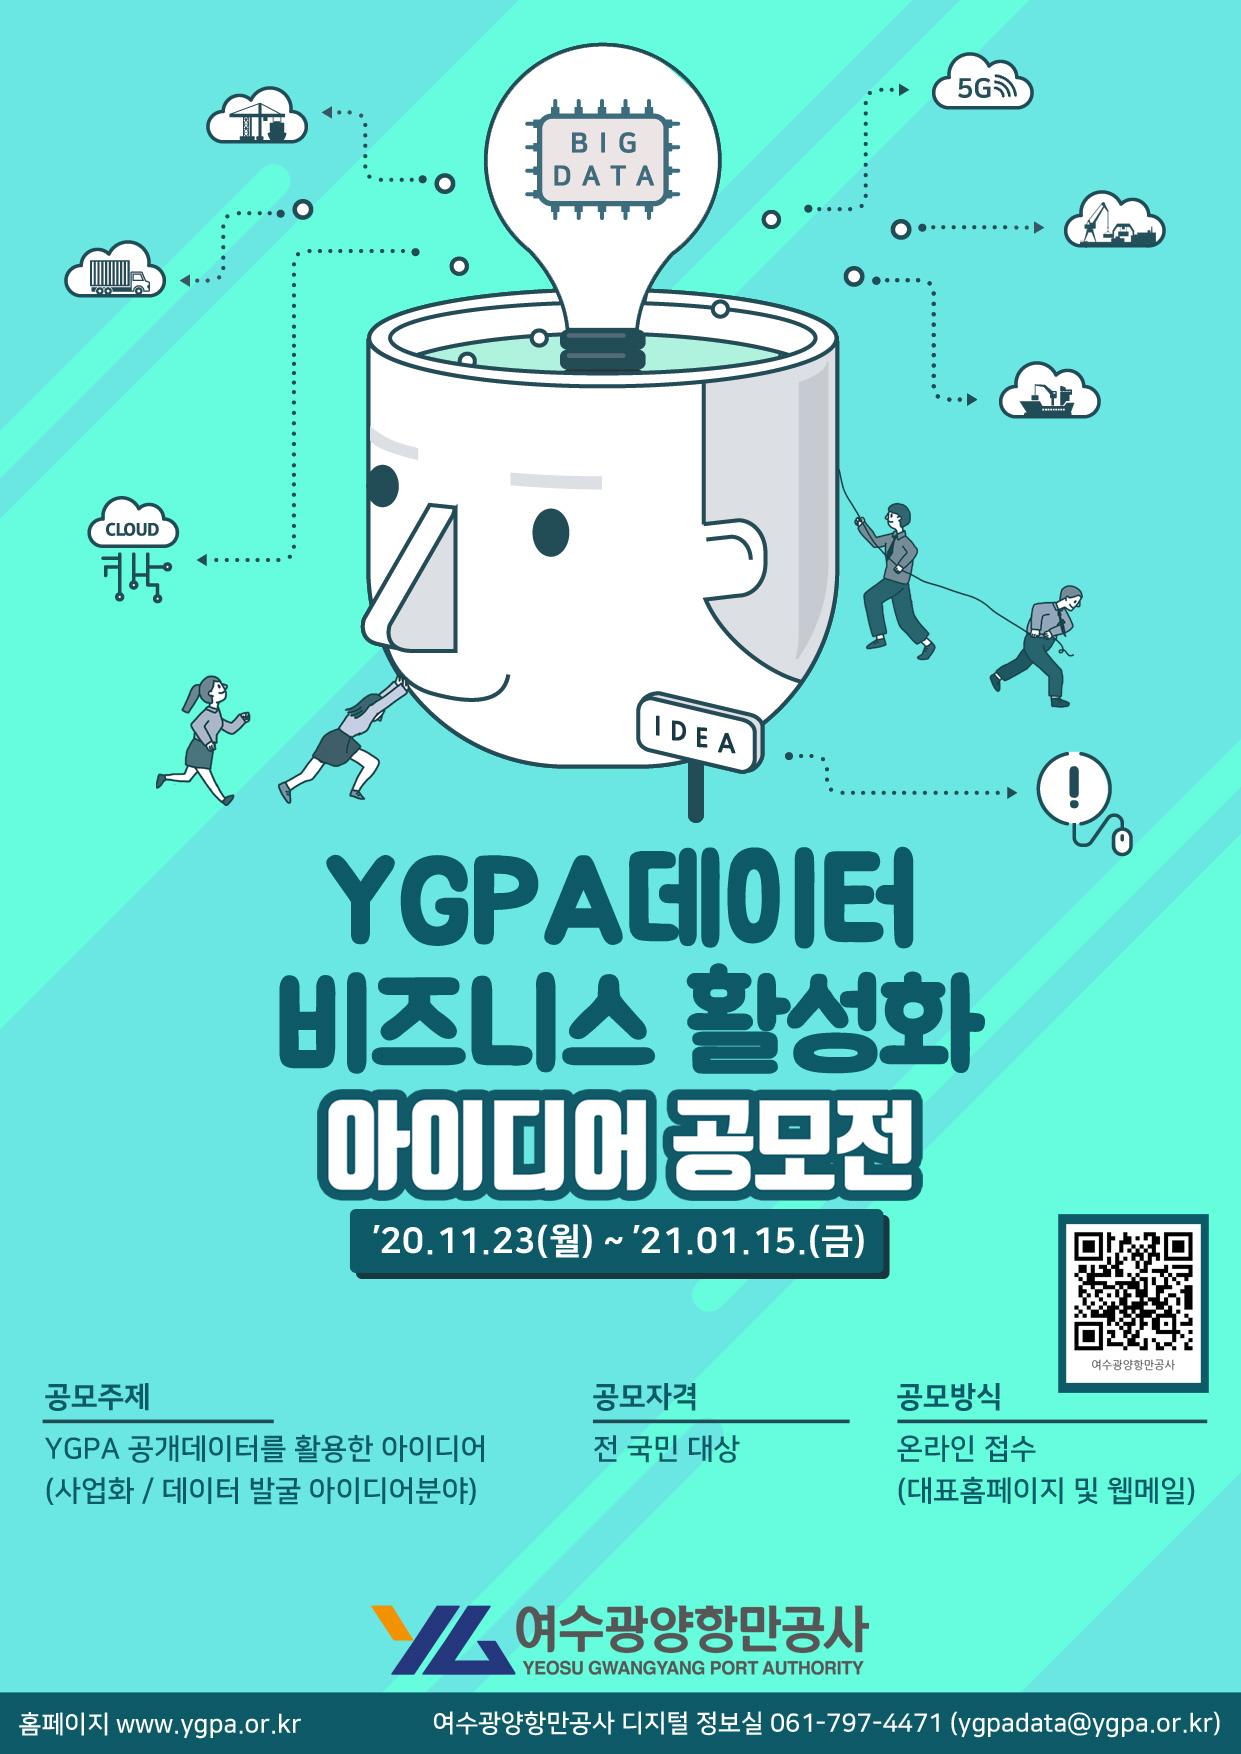 YGPA데이터 비즈니스 활성화 아이디어 공모전